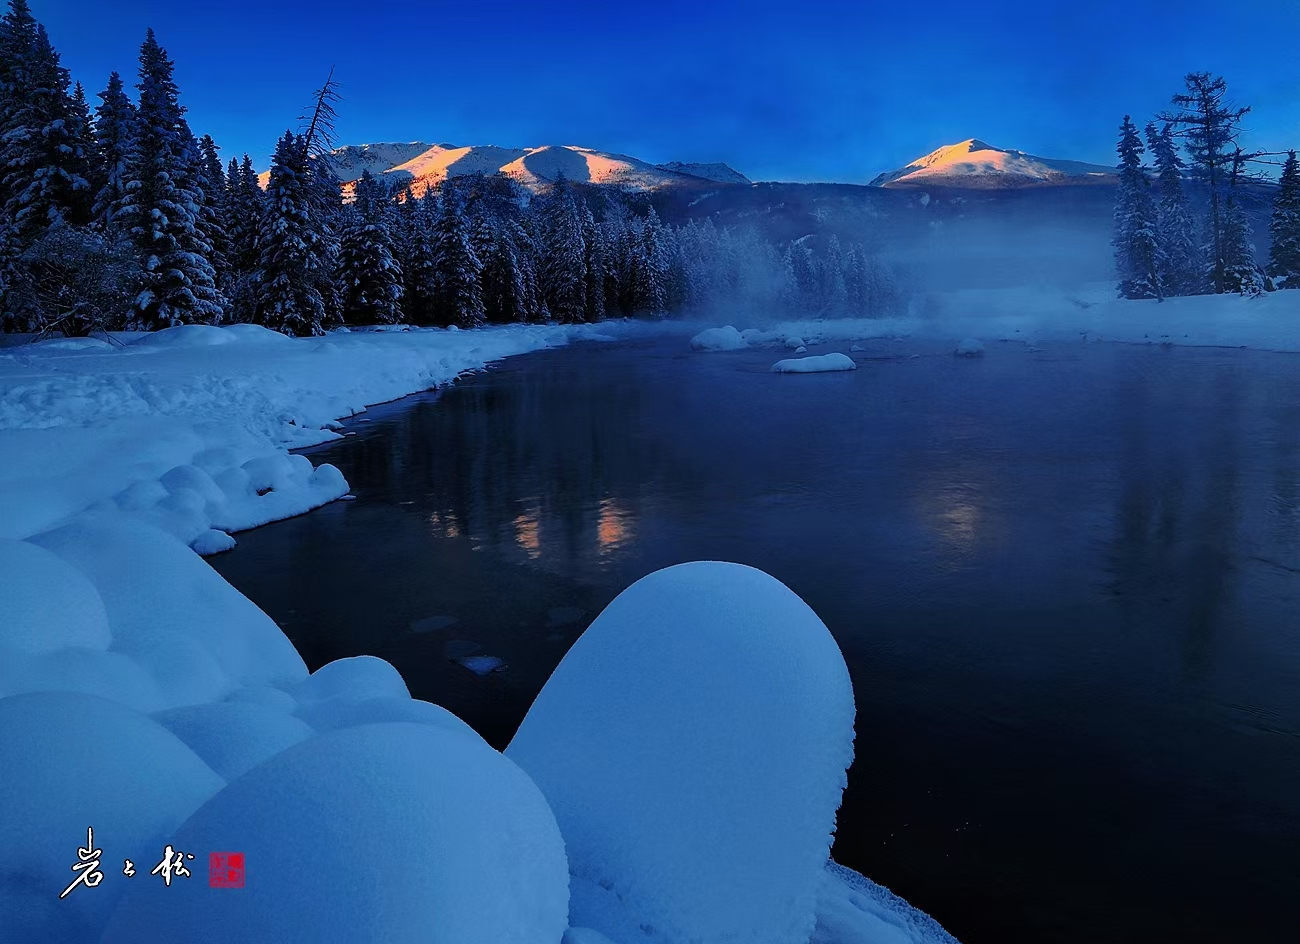 【一起出发·冬野旅拍】新疆冬季旅游 喀纳斯白哈巴禾木五彩滩将军山滑雪4天3晚,1人起发,4人小团,航拍旅拍升级,一价全包